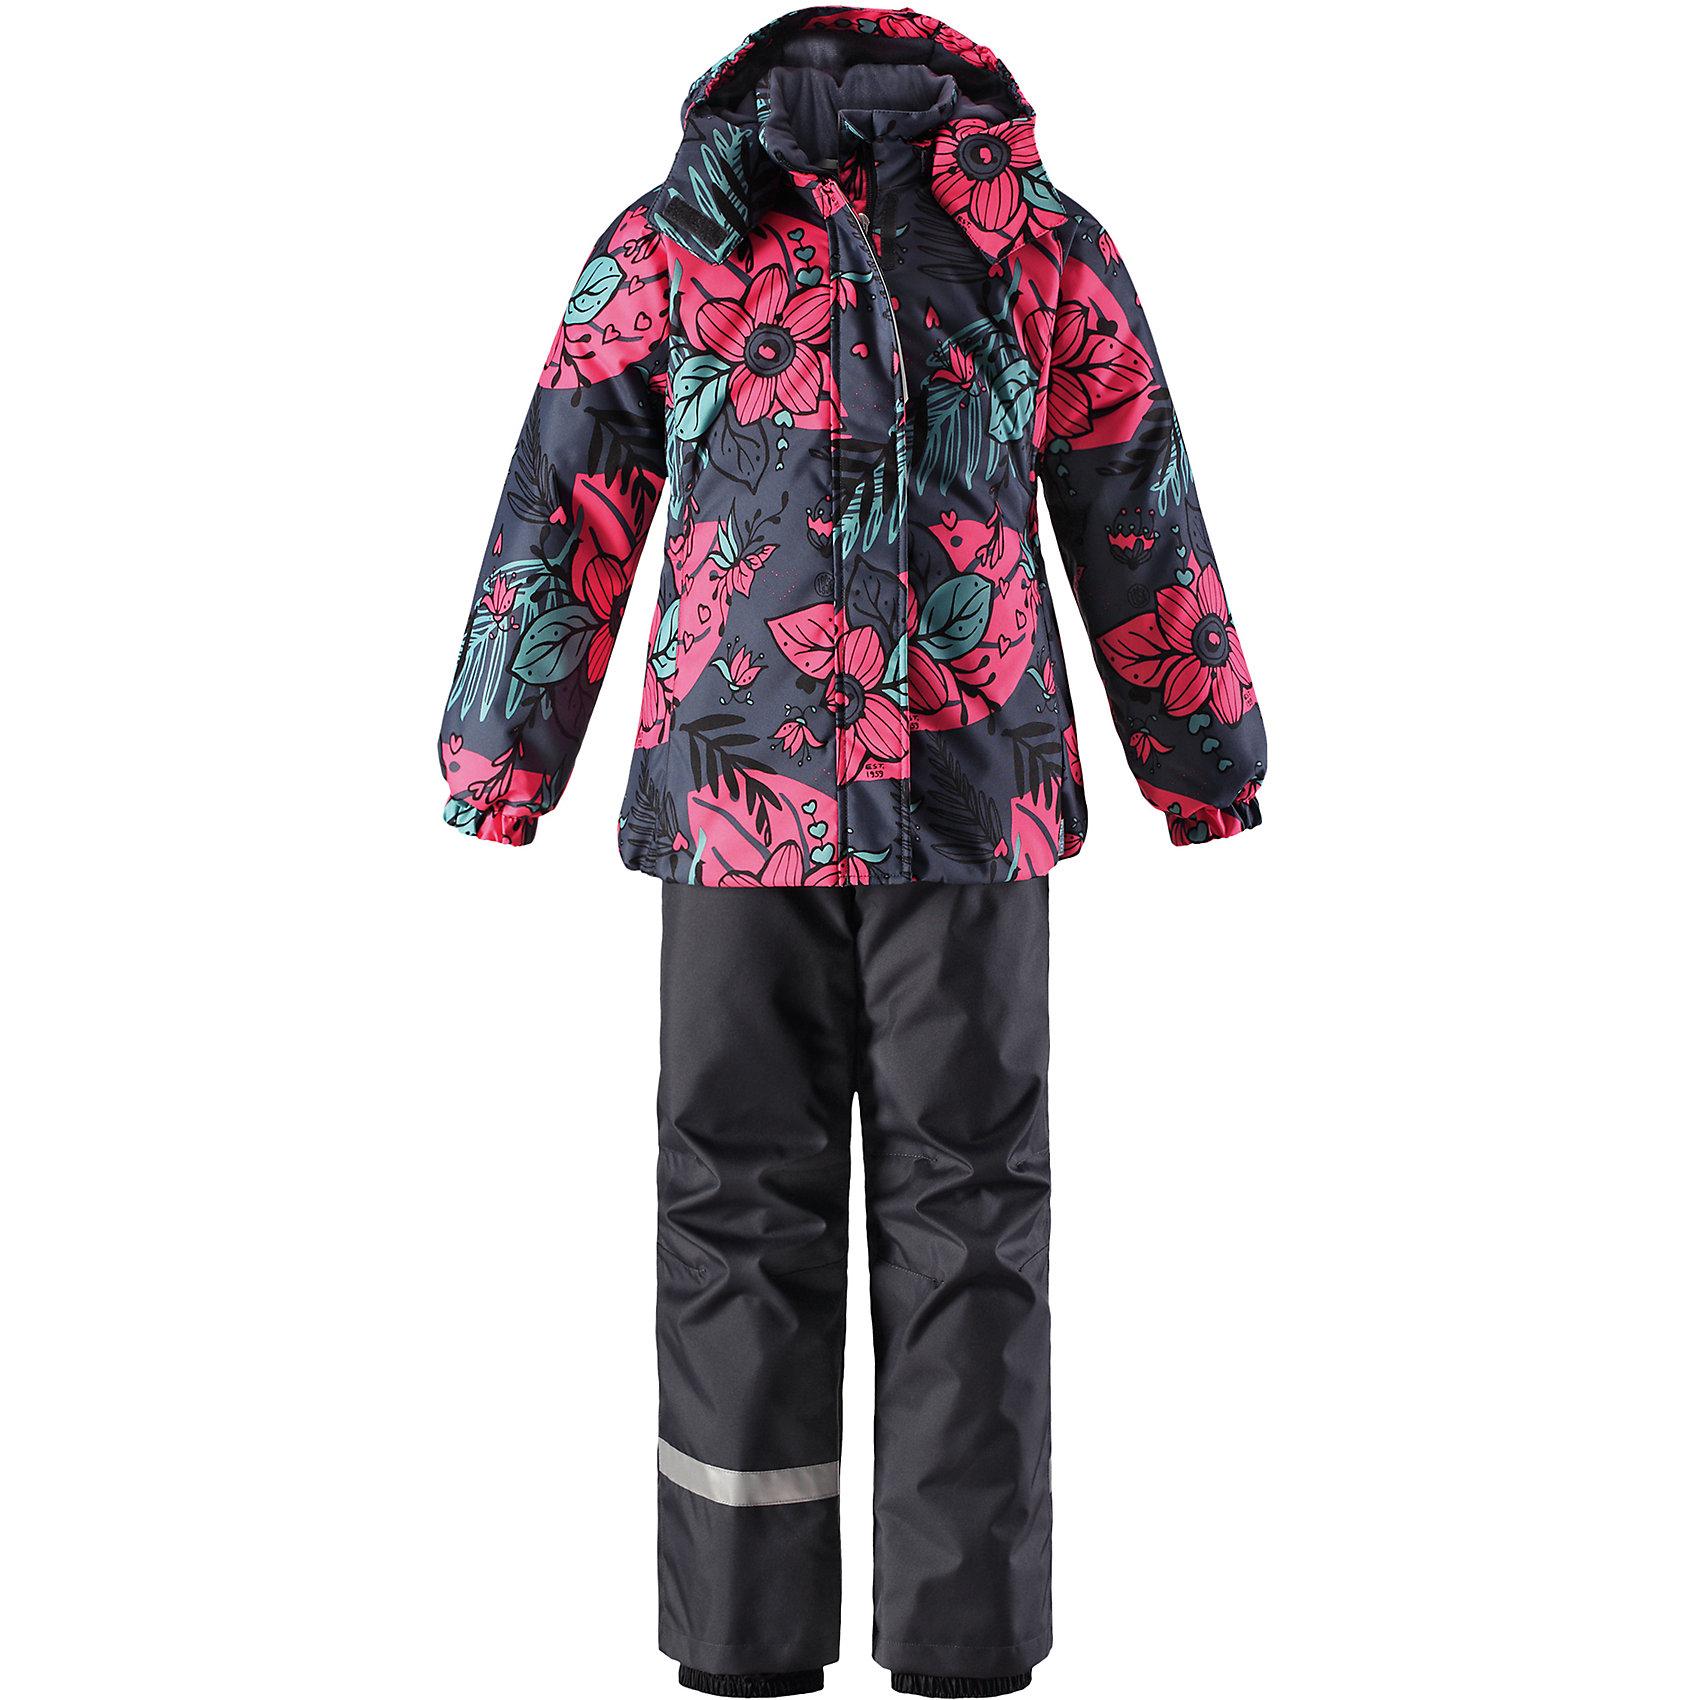 Комплект Lassie для девочкиОдежда<br>Характеристики товара:<br><br>• цвет: синий;<br>• состав: 100% полиэстер, полиуретановое покрытие;<br>• подкладка: 100% полиэстер;<br>• утеплитель: куртка 180 г/м2, брюки 100 г/м2;<br>• сезон: зима;<br>• температурный режим: от 0 до -20С;<br>• водонепроницаемость: 1000 мм;<br>• воздухопроницаемость: 1000 мм;<br>• износостойкость: 50000 циклов (тест Мартиндейла);<br>• застежка: куртка на молнии, брюки молнии и пуговице;<br>• водоотталкивающий, ветронепроницаемый и дышащий материал;<br>• гладкая подкладка из полиэстера; <br>• безопасный съемный капюшон;<br>• эластичные манжеты; <br>• снегозащитные манжеты на штанинах;<br>• эластичная талия и кромка подола;<br>• регулируемые и отстегивающиеся эластичные подтяжки;<br>• карманы в боковых швах;<br>• светоотражающие детали;<br>• страна бренда: Финляндия;<br>• страна изготовитель: Китай;<br><br>Зимний комплект для девочки. Брюки изготовлены из сверхпрочного материала и снабжены защитой от снега. Съемные регулируемые подтяжки позволяют откорректировать брюки идеально по размеру, а задний средний шов проклеен для обеспечения водонепроницаемости. <br><br>Куртка украшена цветочным рисунком и снабжена безопасным и практичным съемным капюшоном, а карманы на липучке сохранят все нужные мелочи! И куртка, и брюки изготовлены из ветронепроницаемого и дышащего материала с водо- и грязеотталкивающей поверхностью.<br><br>Комплект Lassie (Ласси) для девочки можно купить в нашем интернет-магазине.<br><br>Ширина мм: 356<br>Глубина мм: 10<br>Высота мм: 245<br>Вес г: 519<br>Цвет: серый<br>Возраст от месяцев: 108<br>Возраст до месяцев: 120<br>Пол: Женский<br>Возраст: Детский<br>Размер: 140,92,98,104,110,116,122,128,134<br>SKU: 6927871